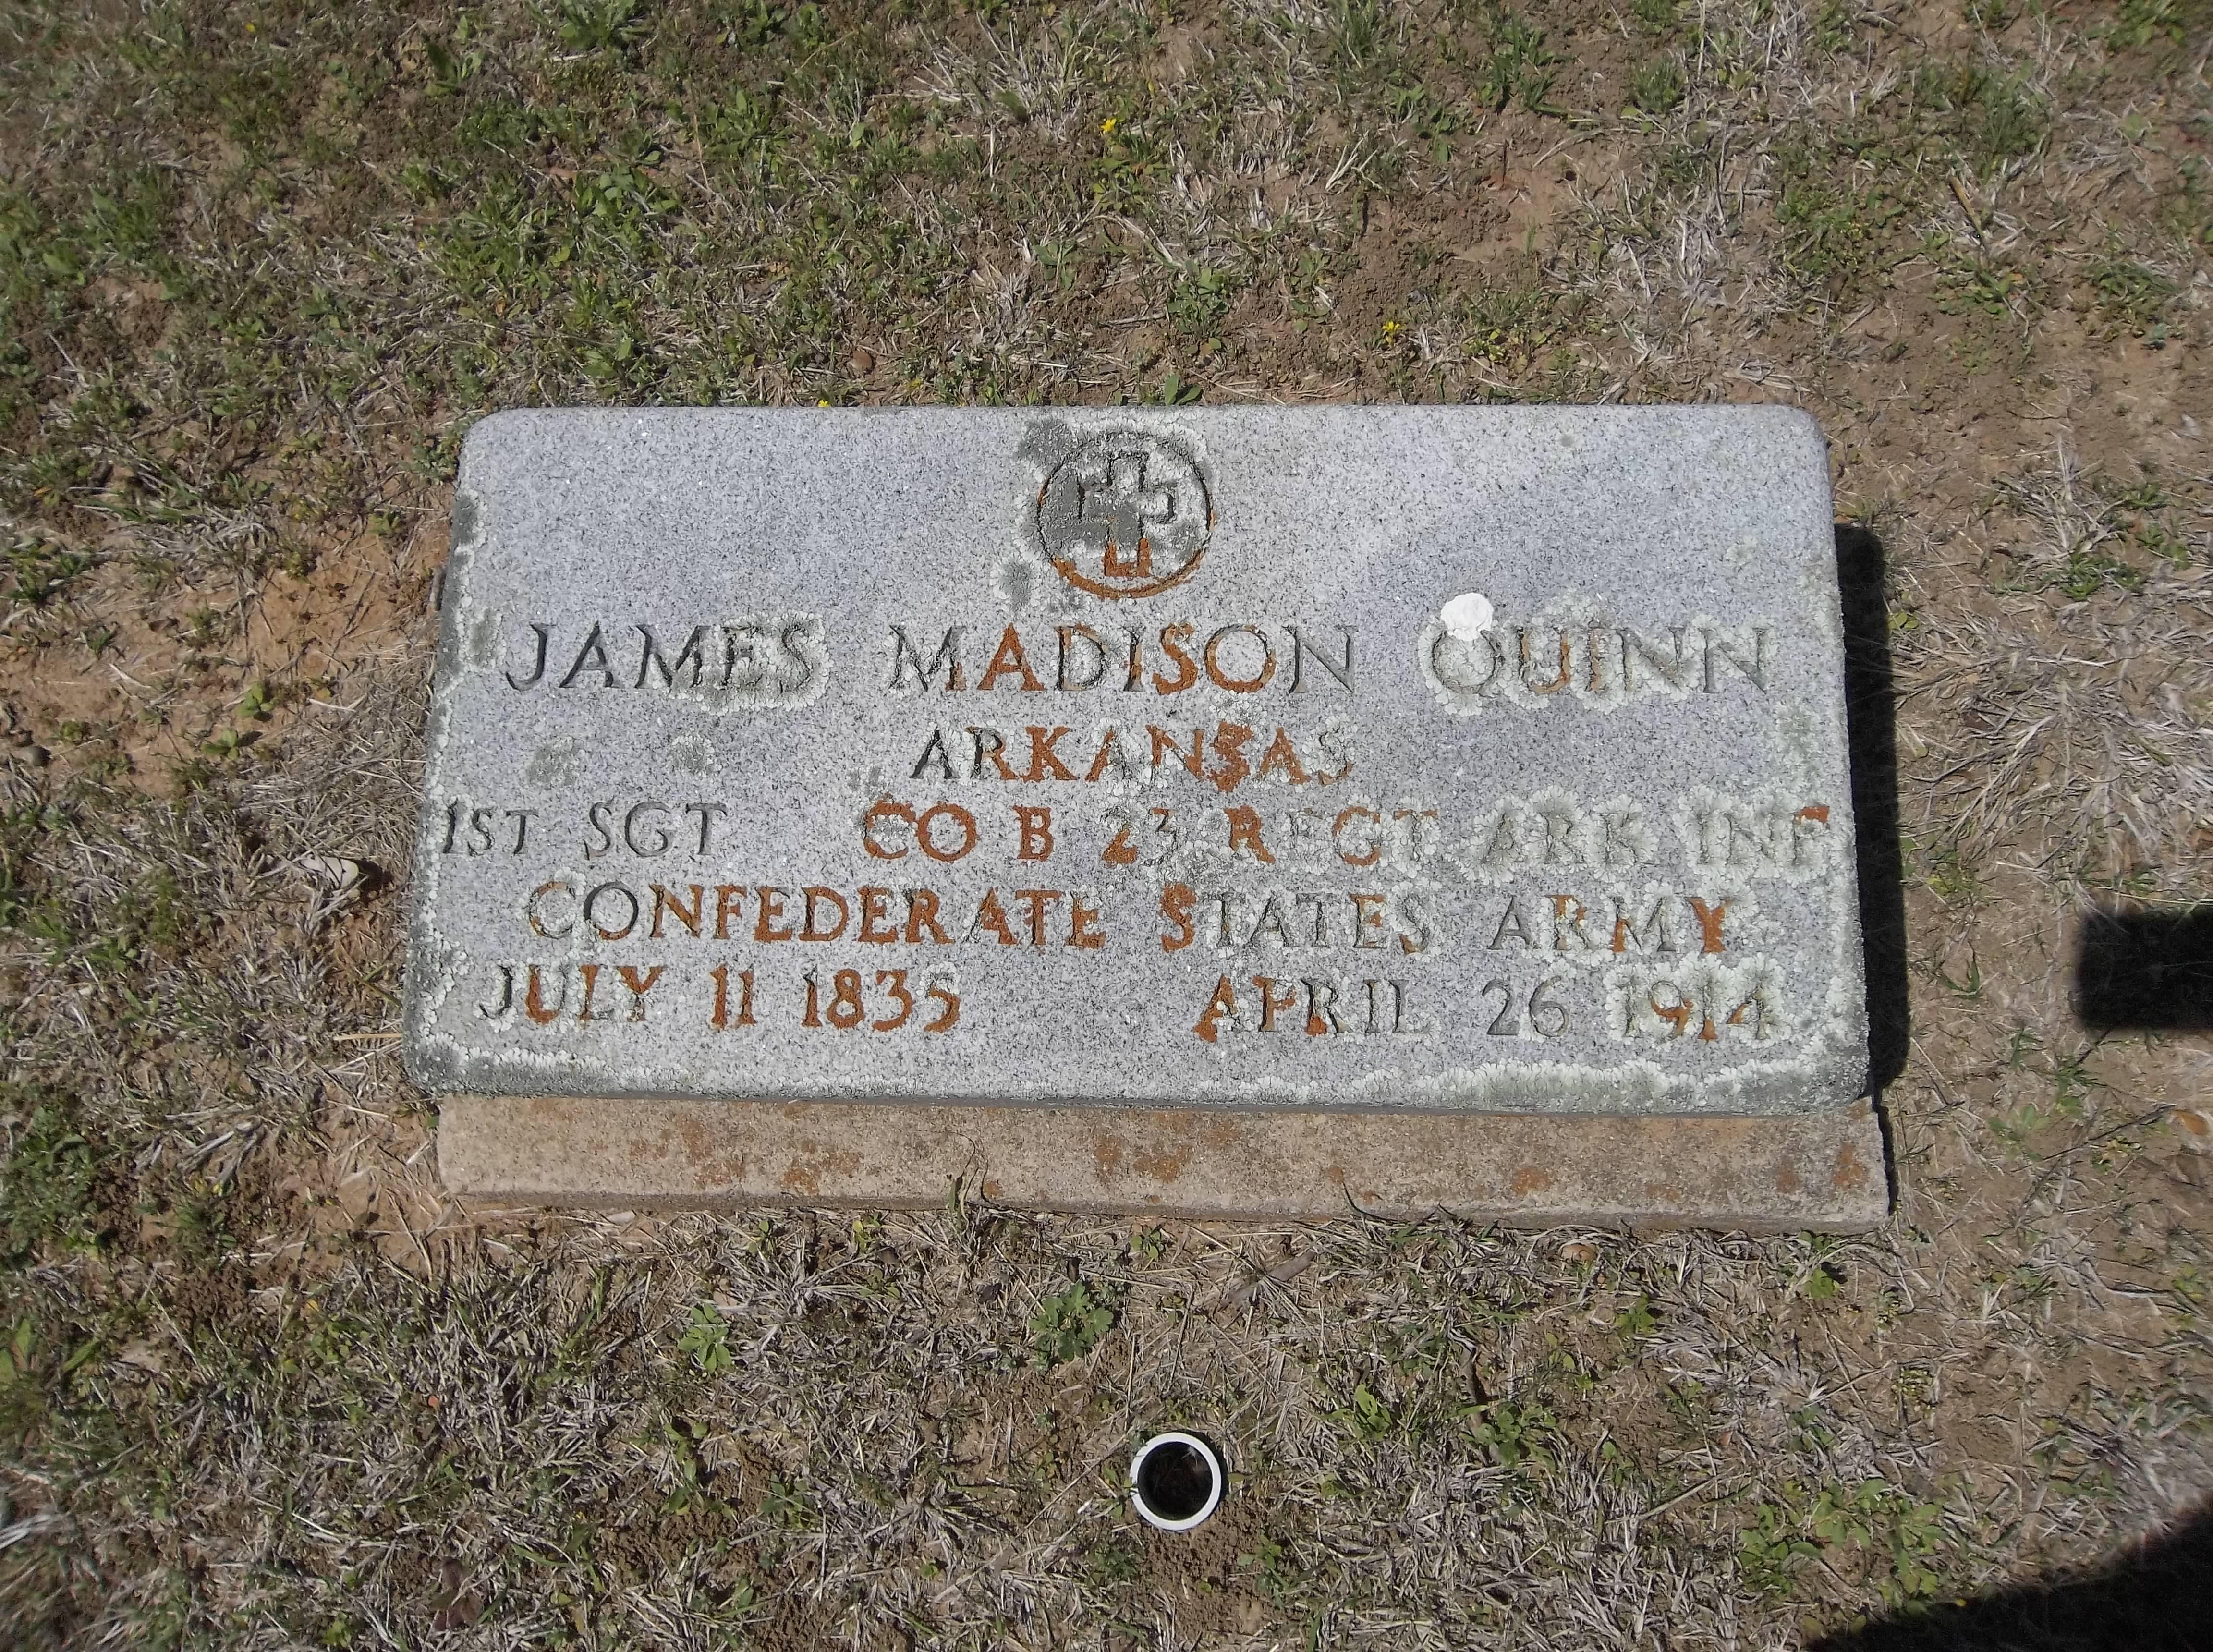 James Madison Quinn